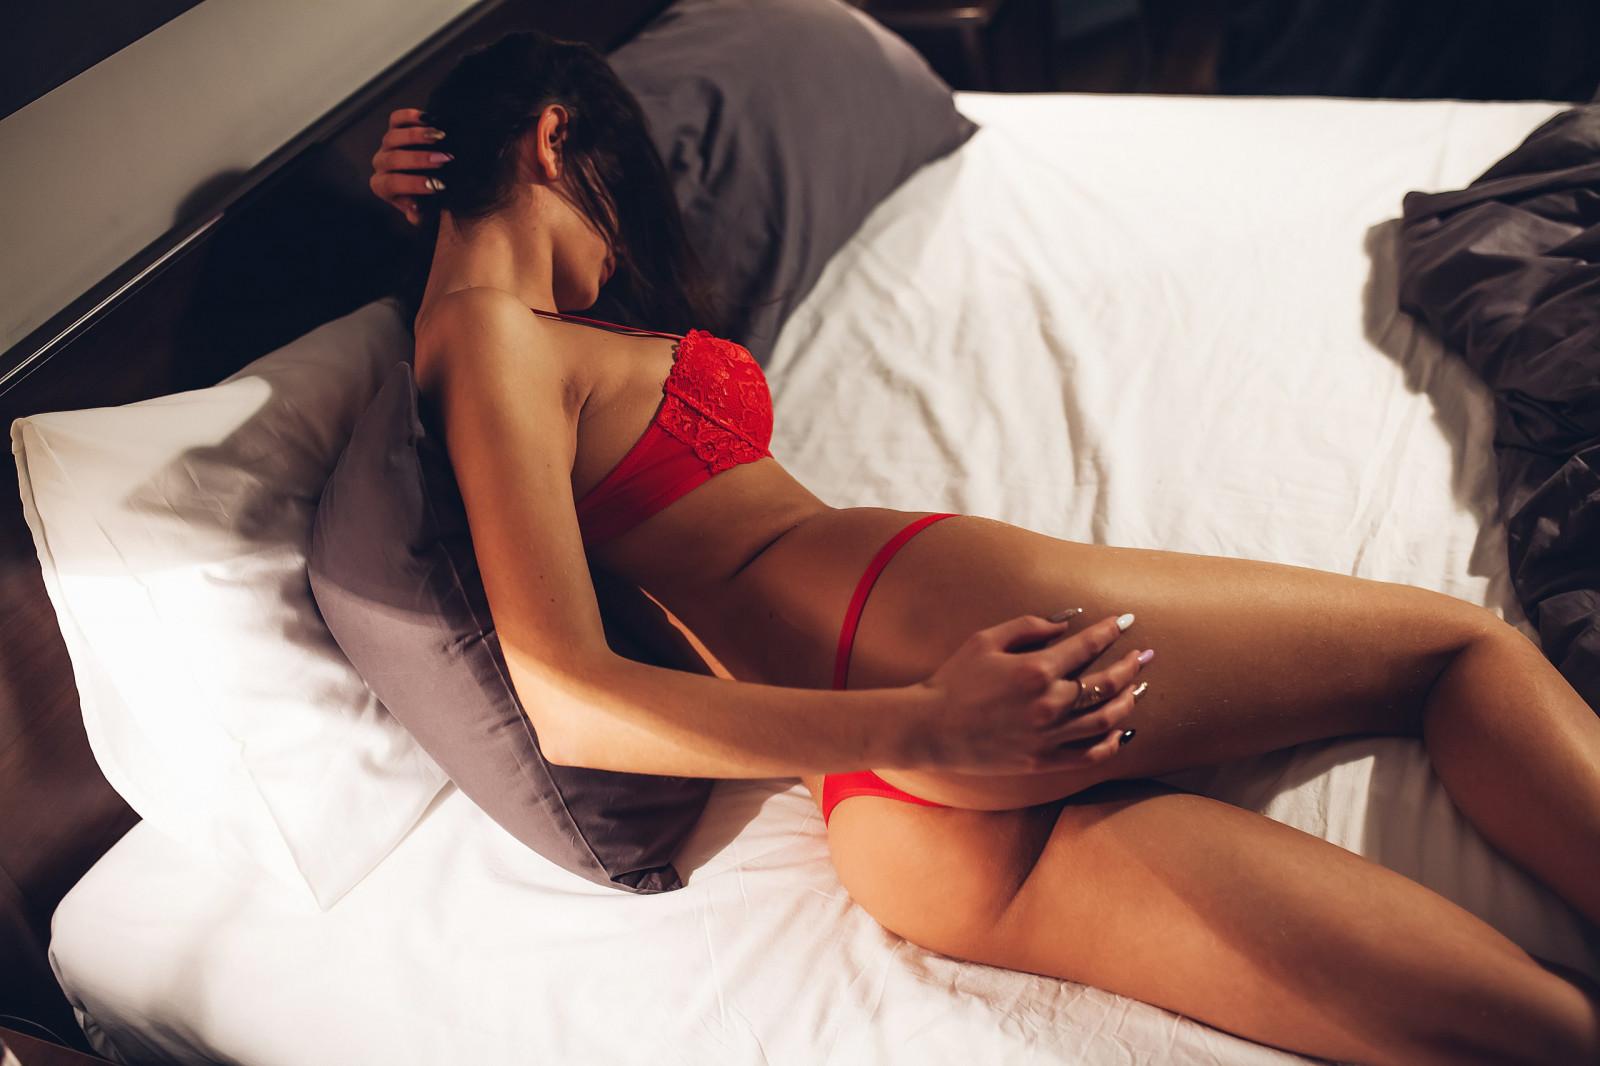 что видео девушки в постели с девушкой нужна для